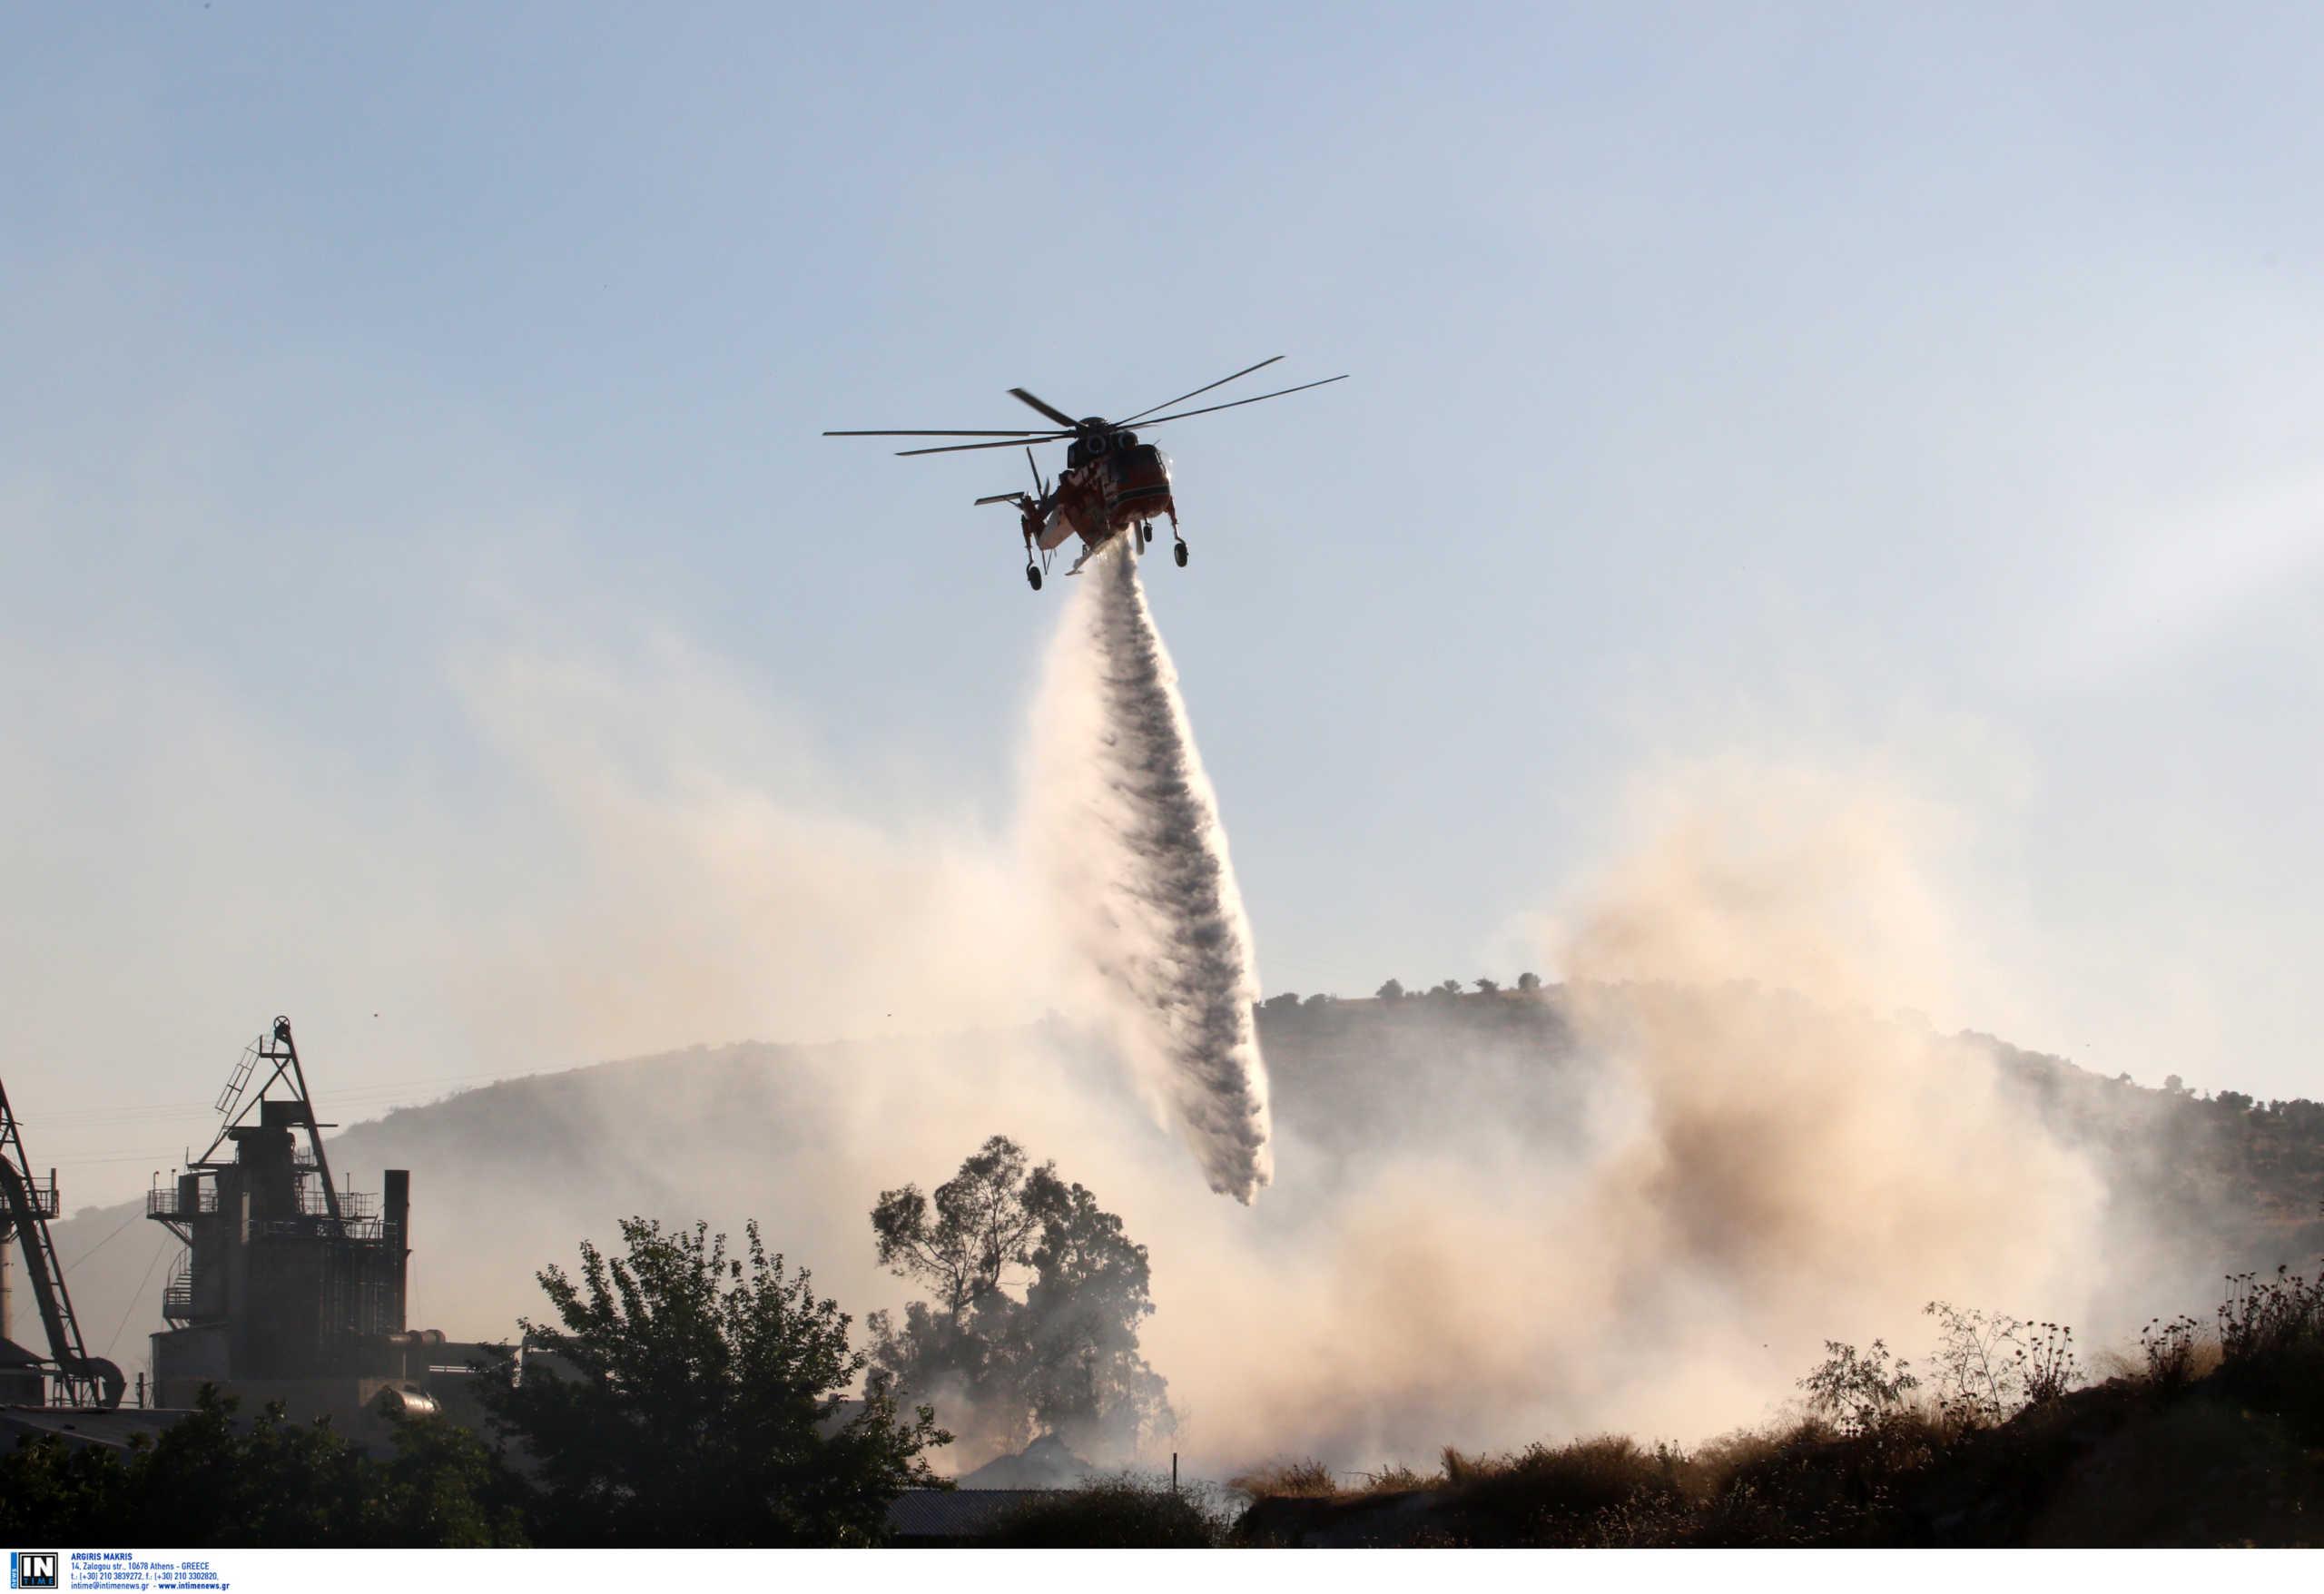 Φωτιές σε Γορτυνία, Αρχαία Ολυμπία και Ανατολική Μάνη: Ισχυρές δυνάμεις για αντιμετώπιση των αναζωπυρώσεων